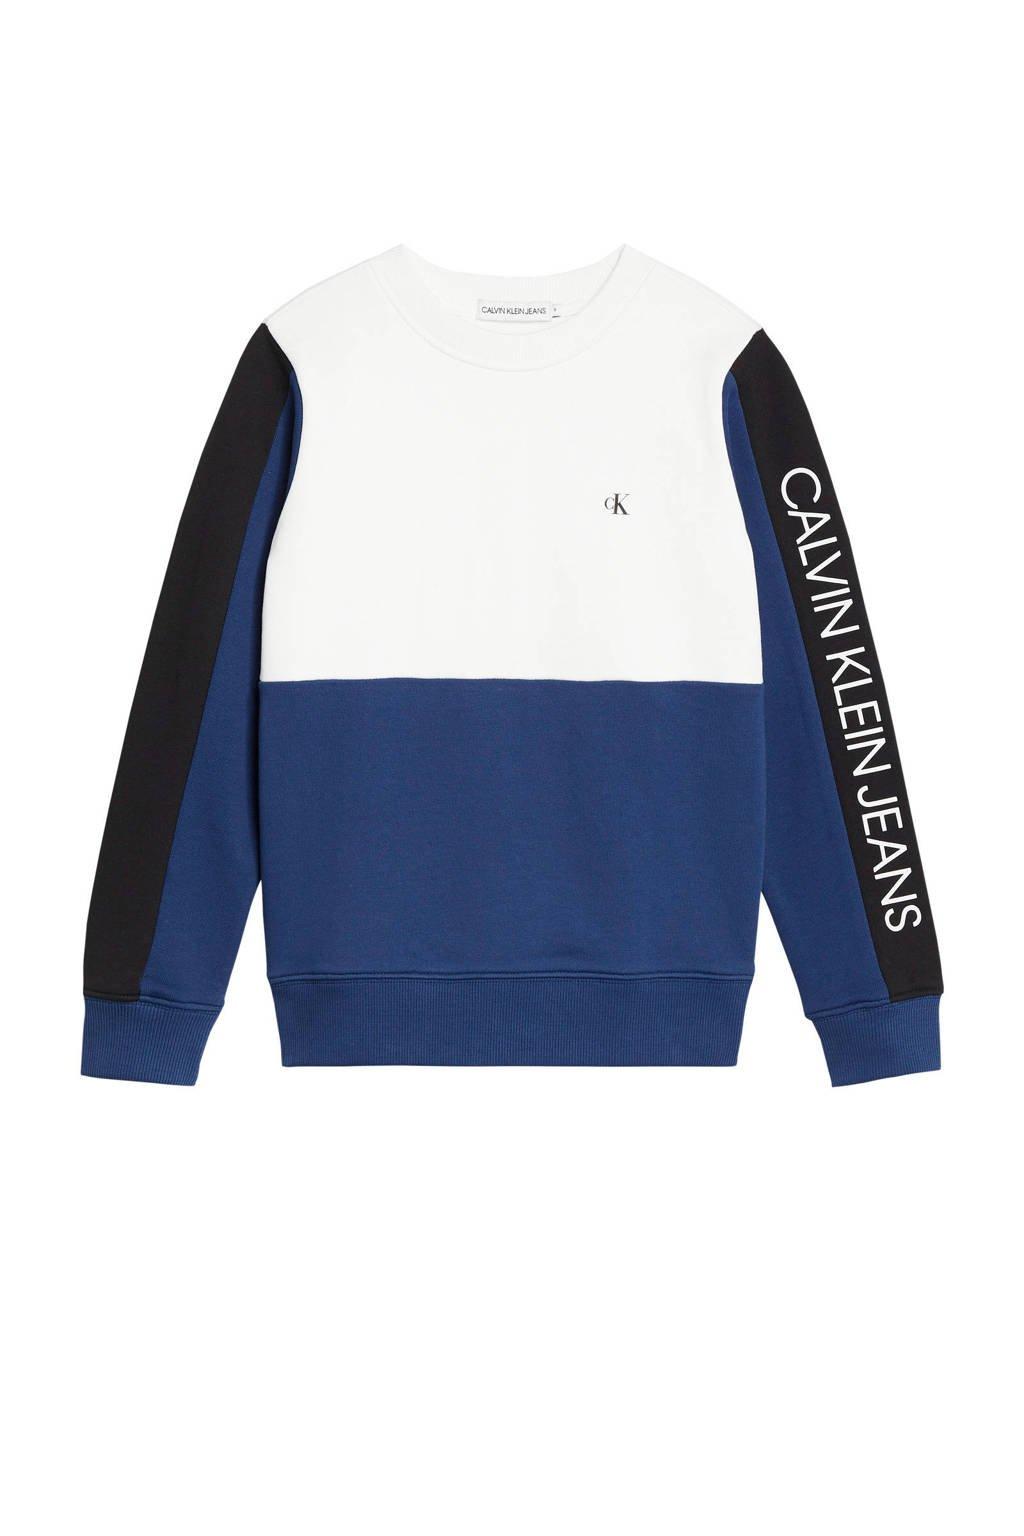 CALVIN KLEIN JEANS sweater blauw/wit/zwart, Blauw/wit/zwart